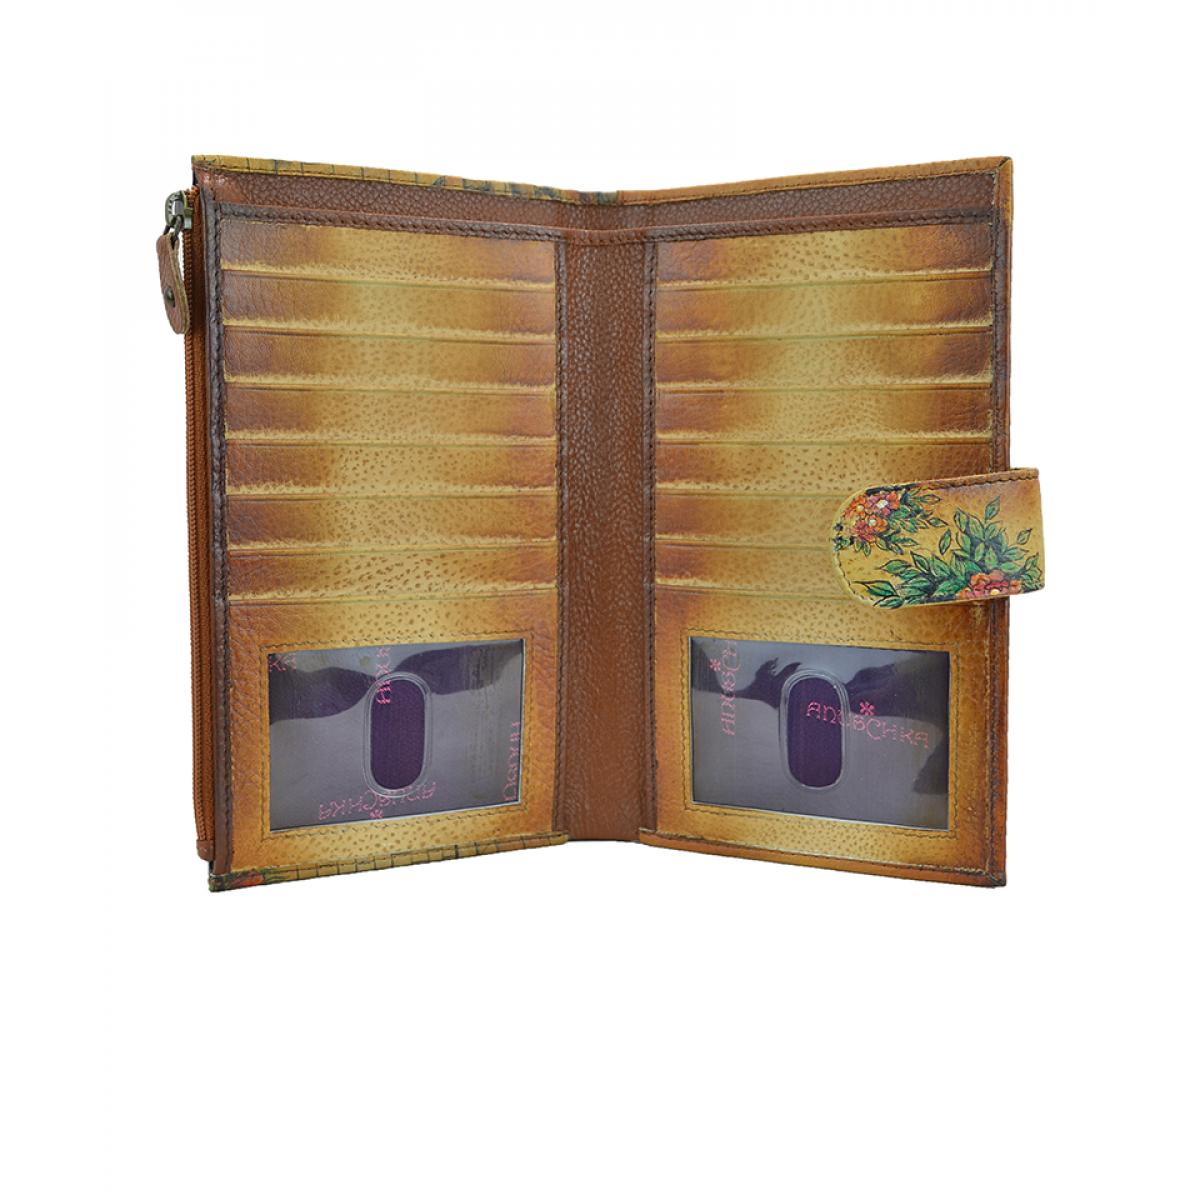 portofel plic compartimentat